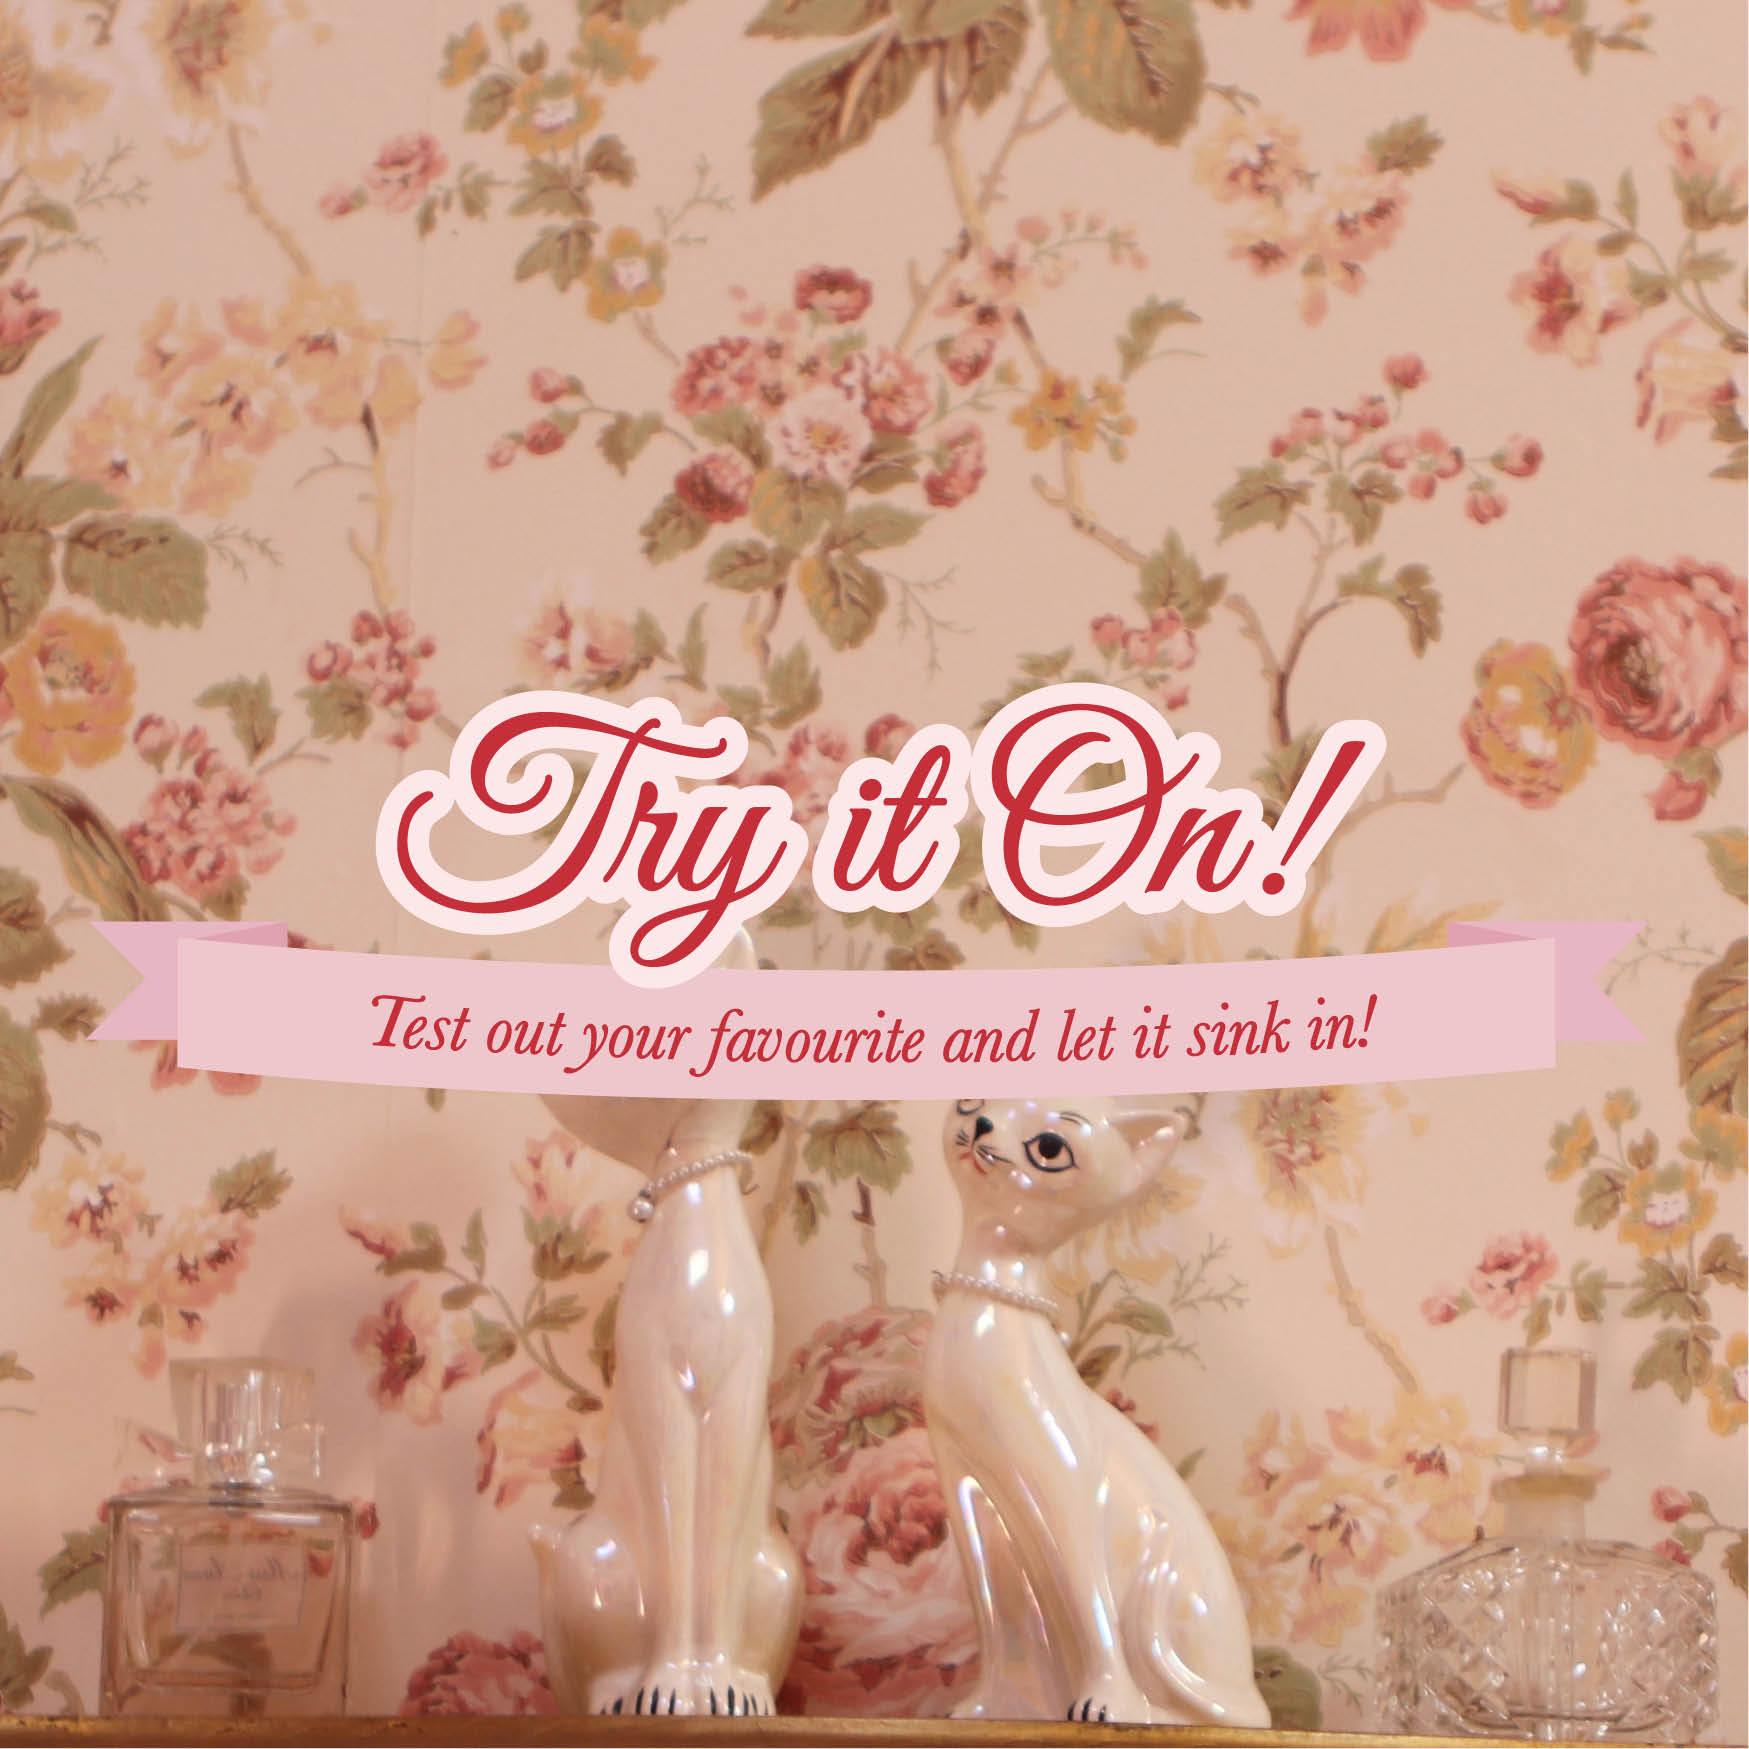 Try-It-On.jpg